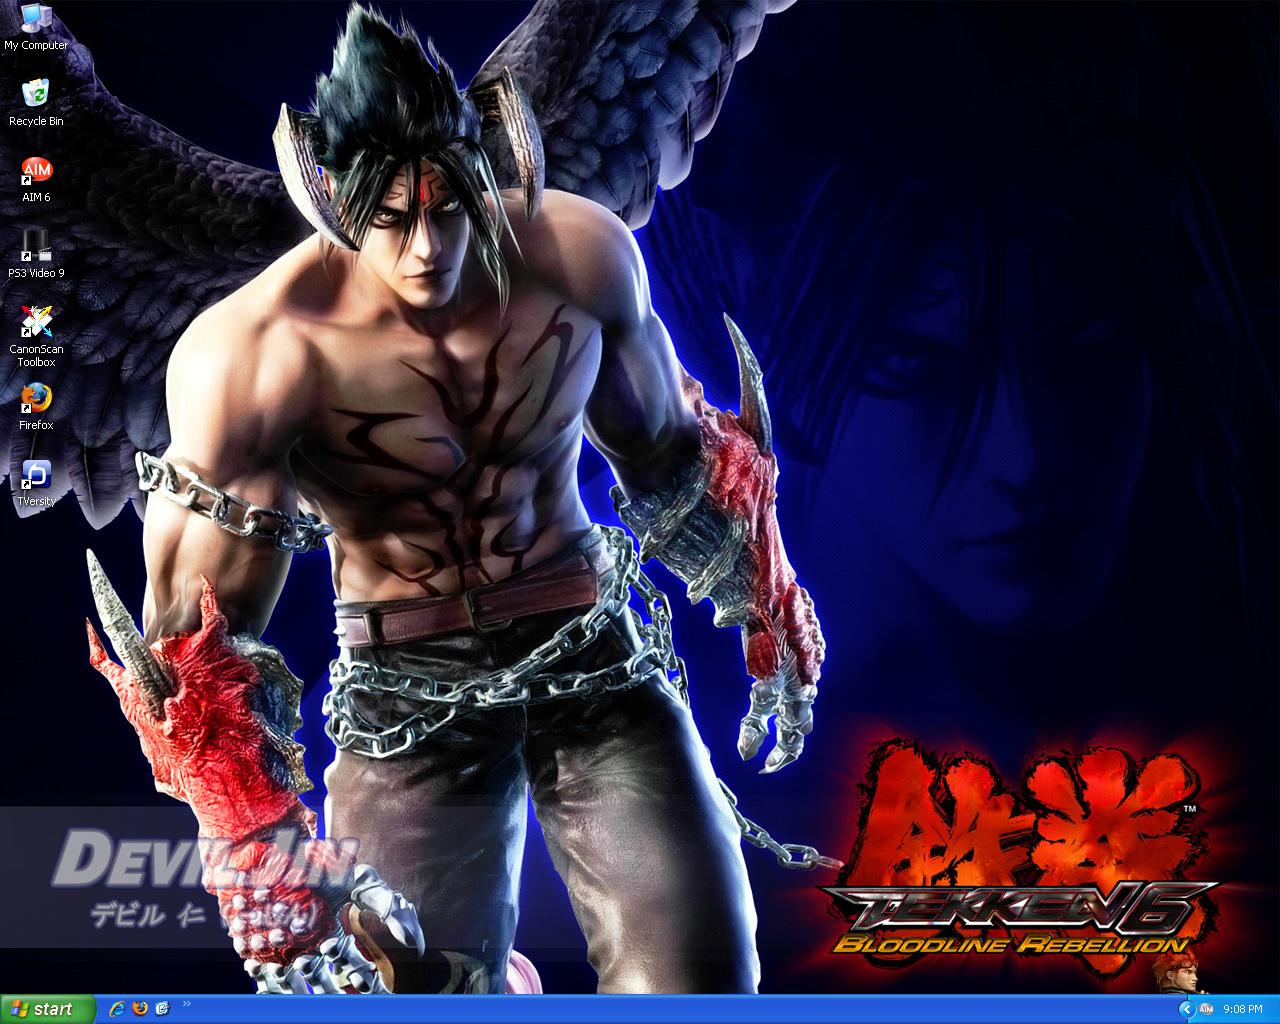 Devil Jin Wallpaper 4 14 2009 by SonKitty 1280x1024